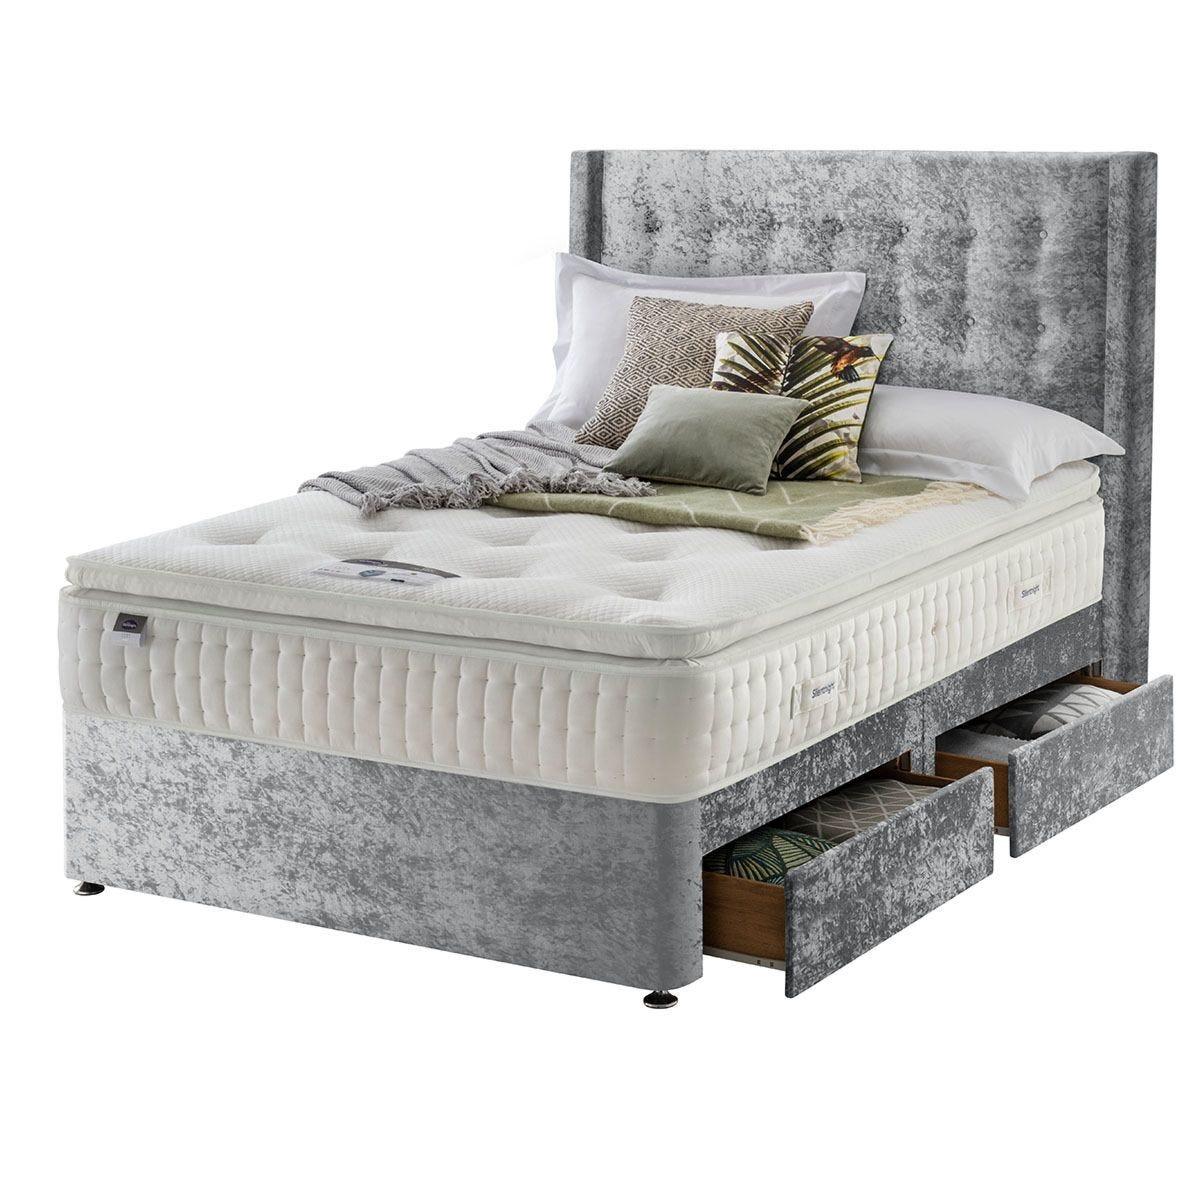 Silentnight Mirapocket Latex 1400 4-Drawer Divan Bed - Crushed Velvet Light Grey